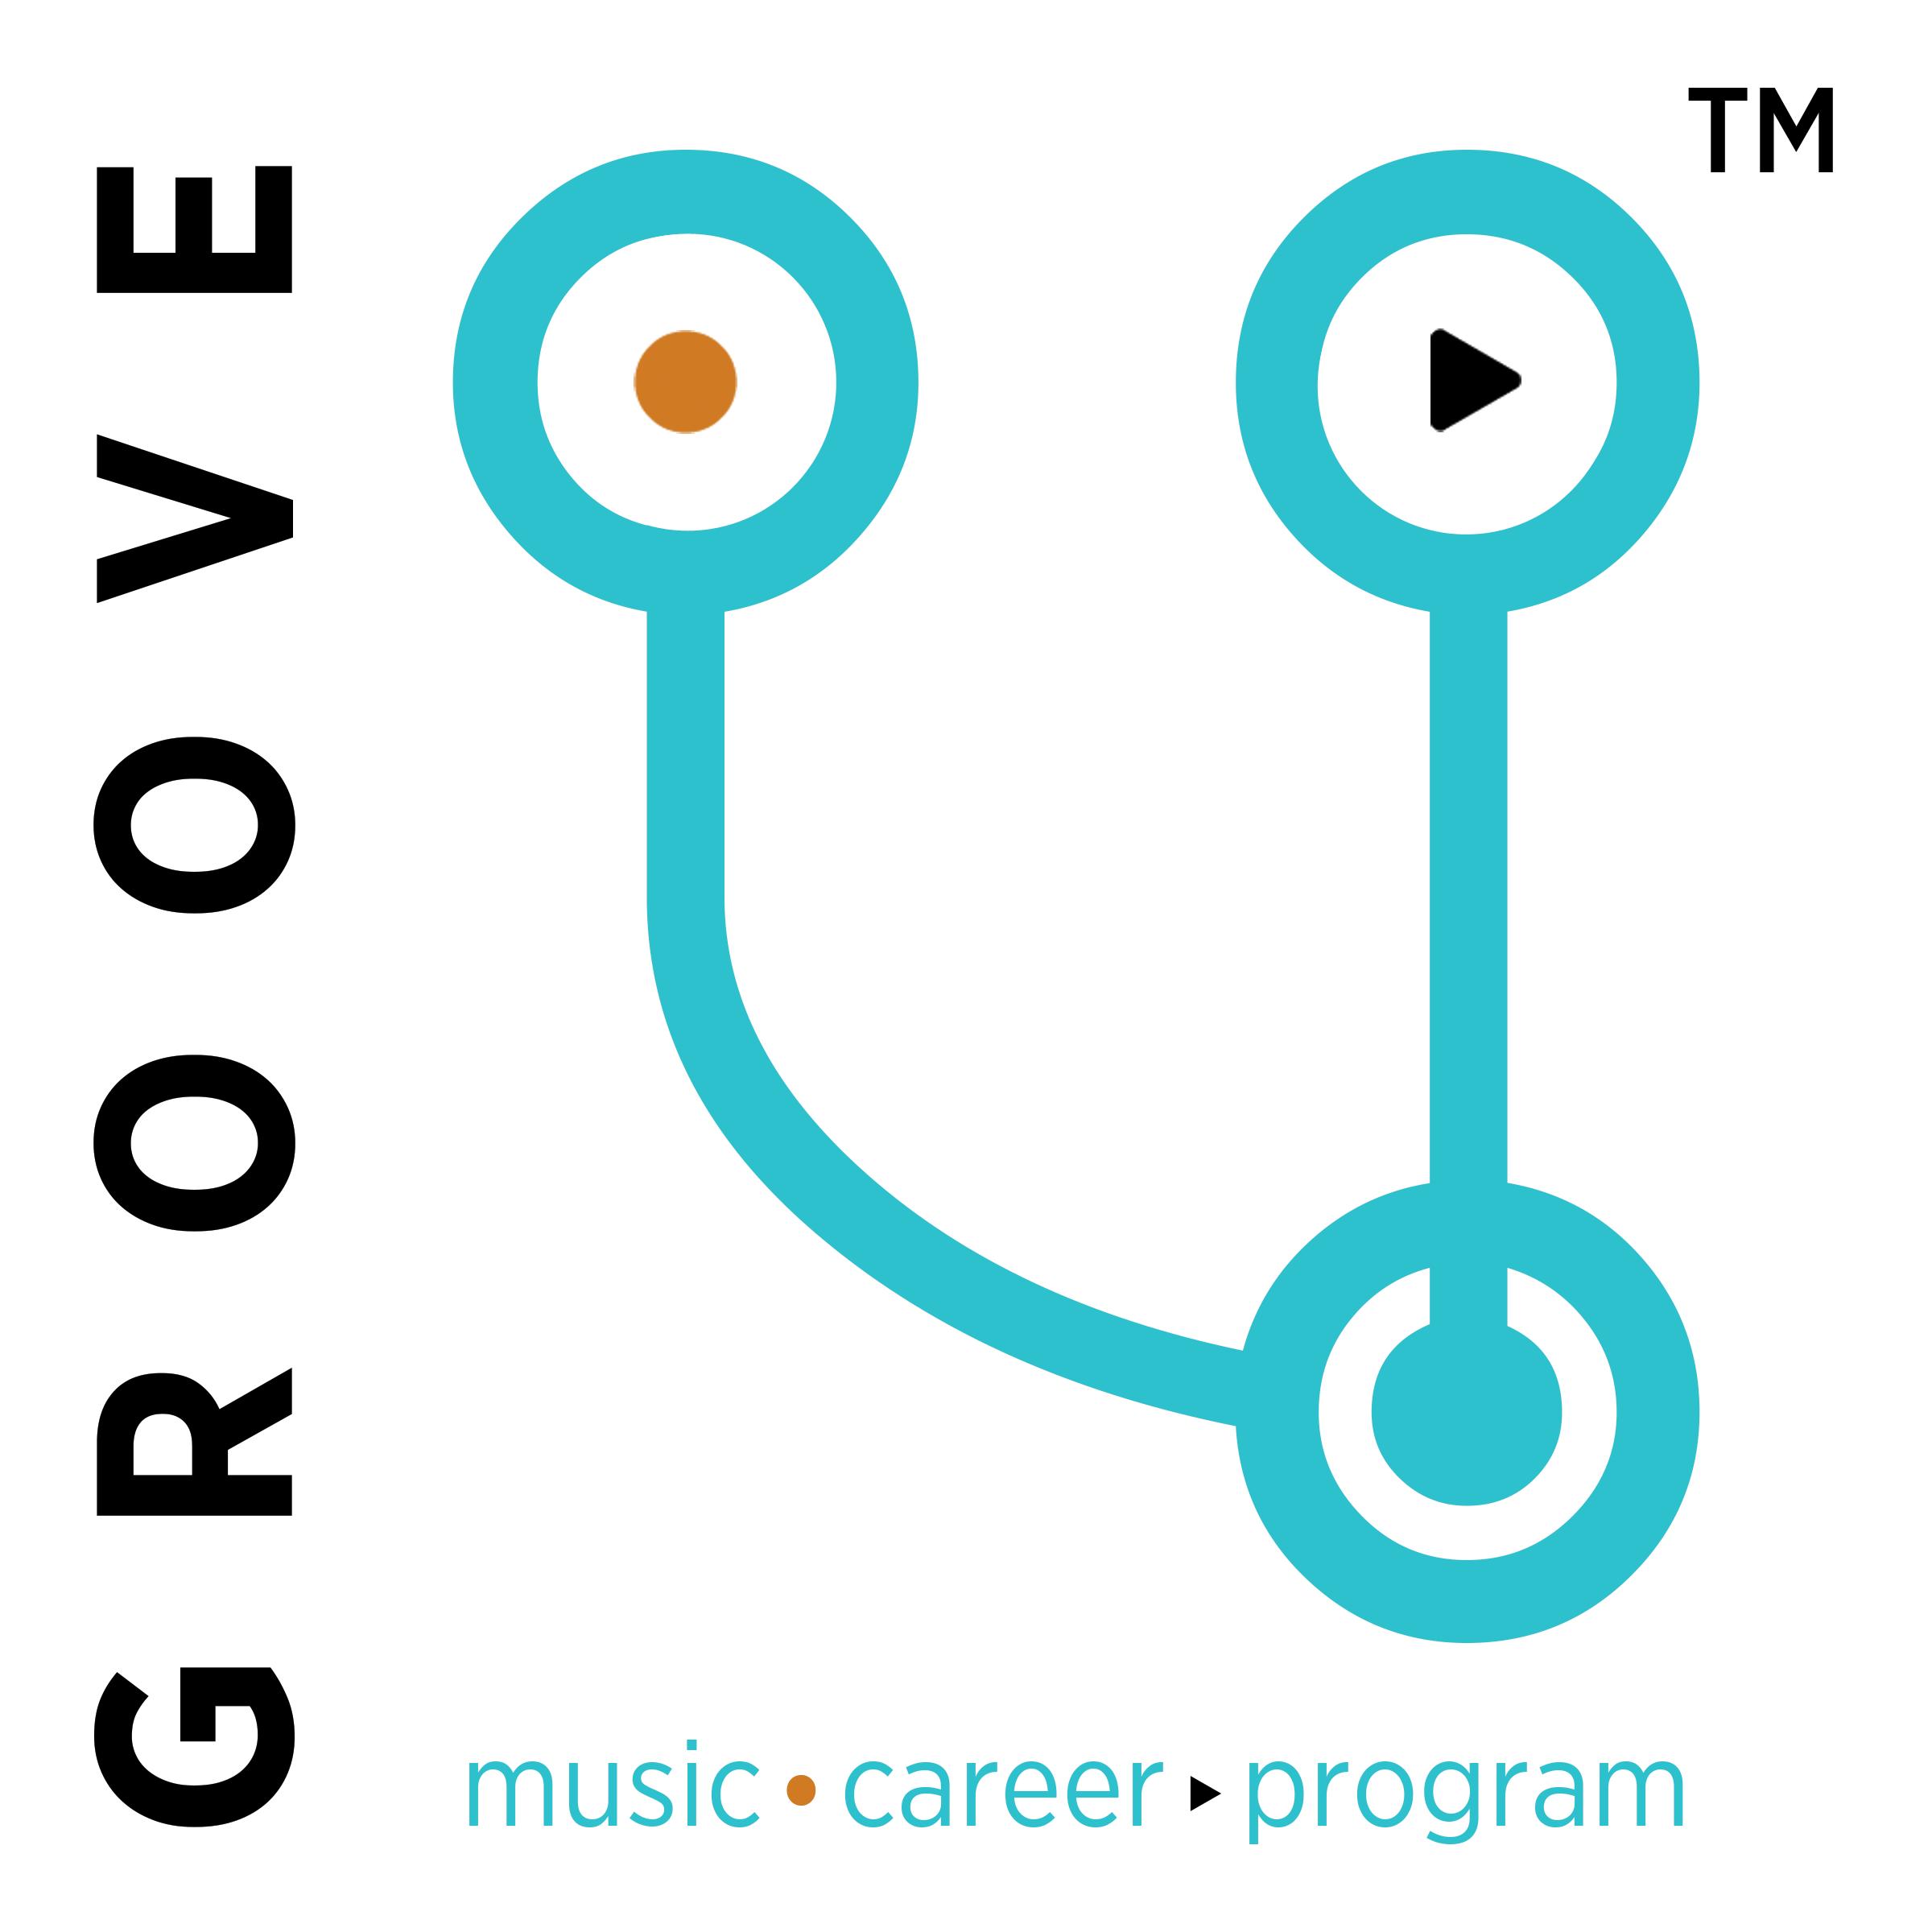 GrooveU